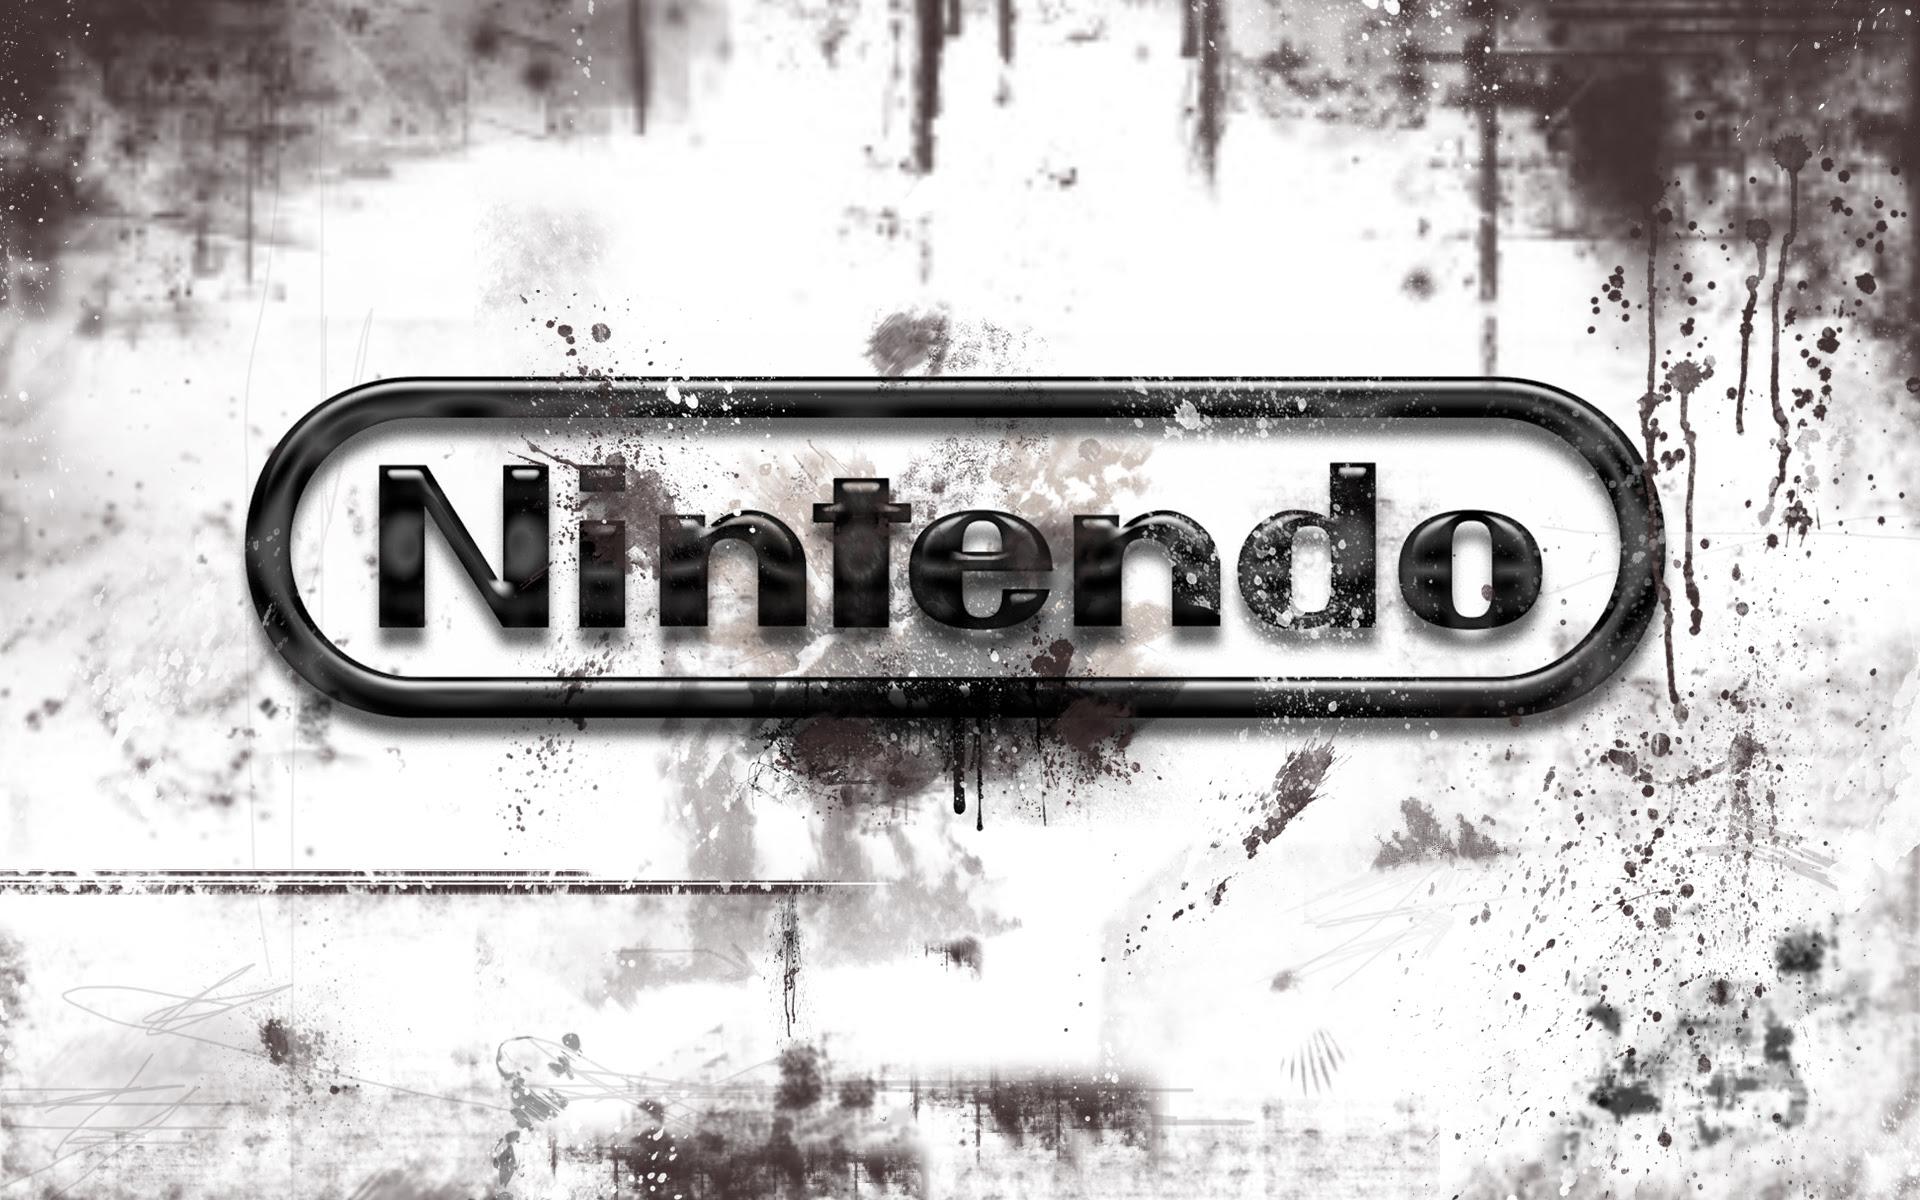 http://www.gamefm.com.br/wp-content/uploads/2012/10/Nintendo-Logo.jpg